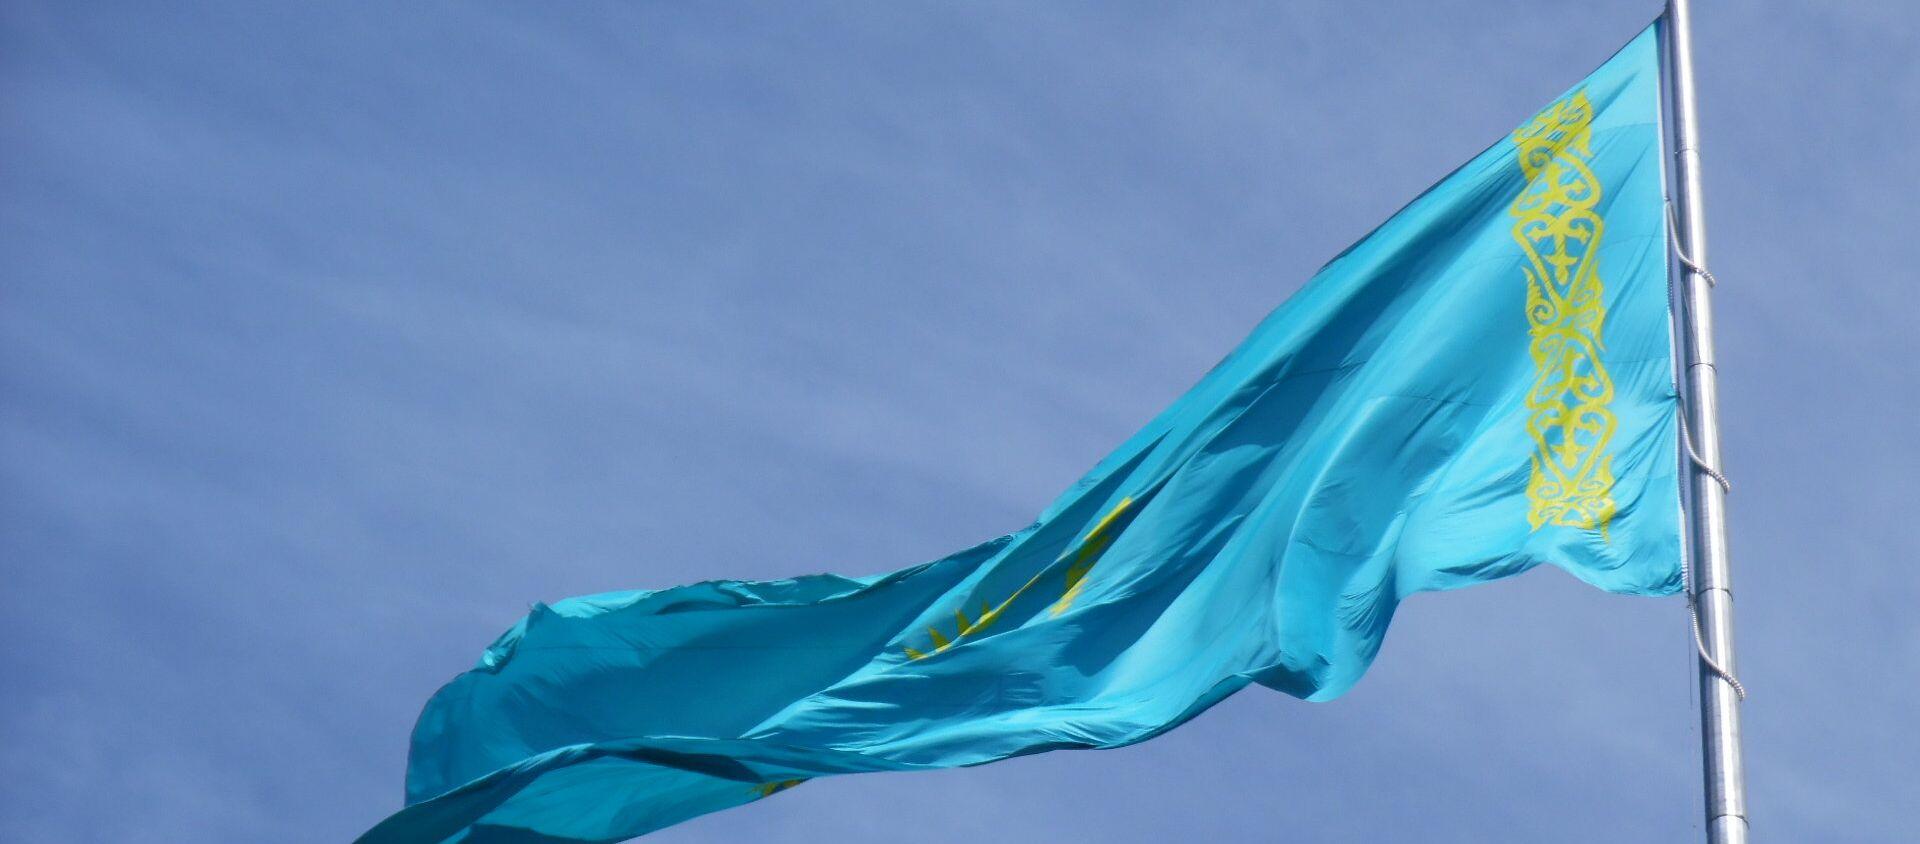 Bandera de Kazajistán - Sputnik Mundo, 1920, 16.10.2020